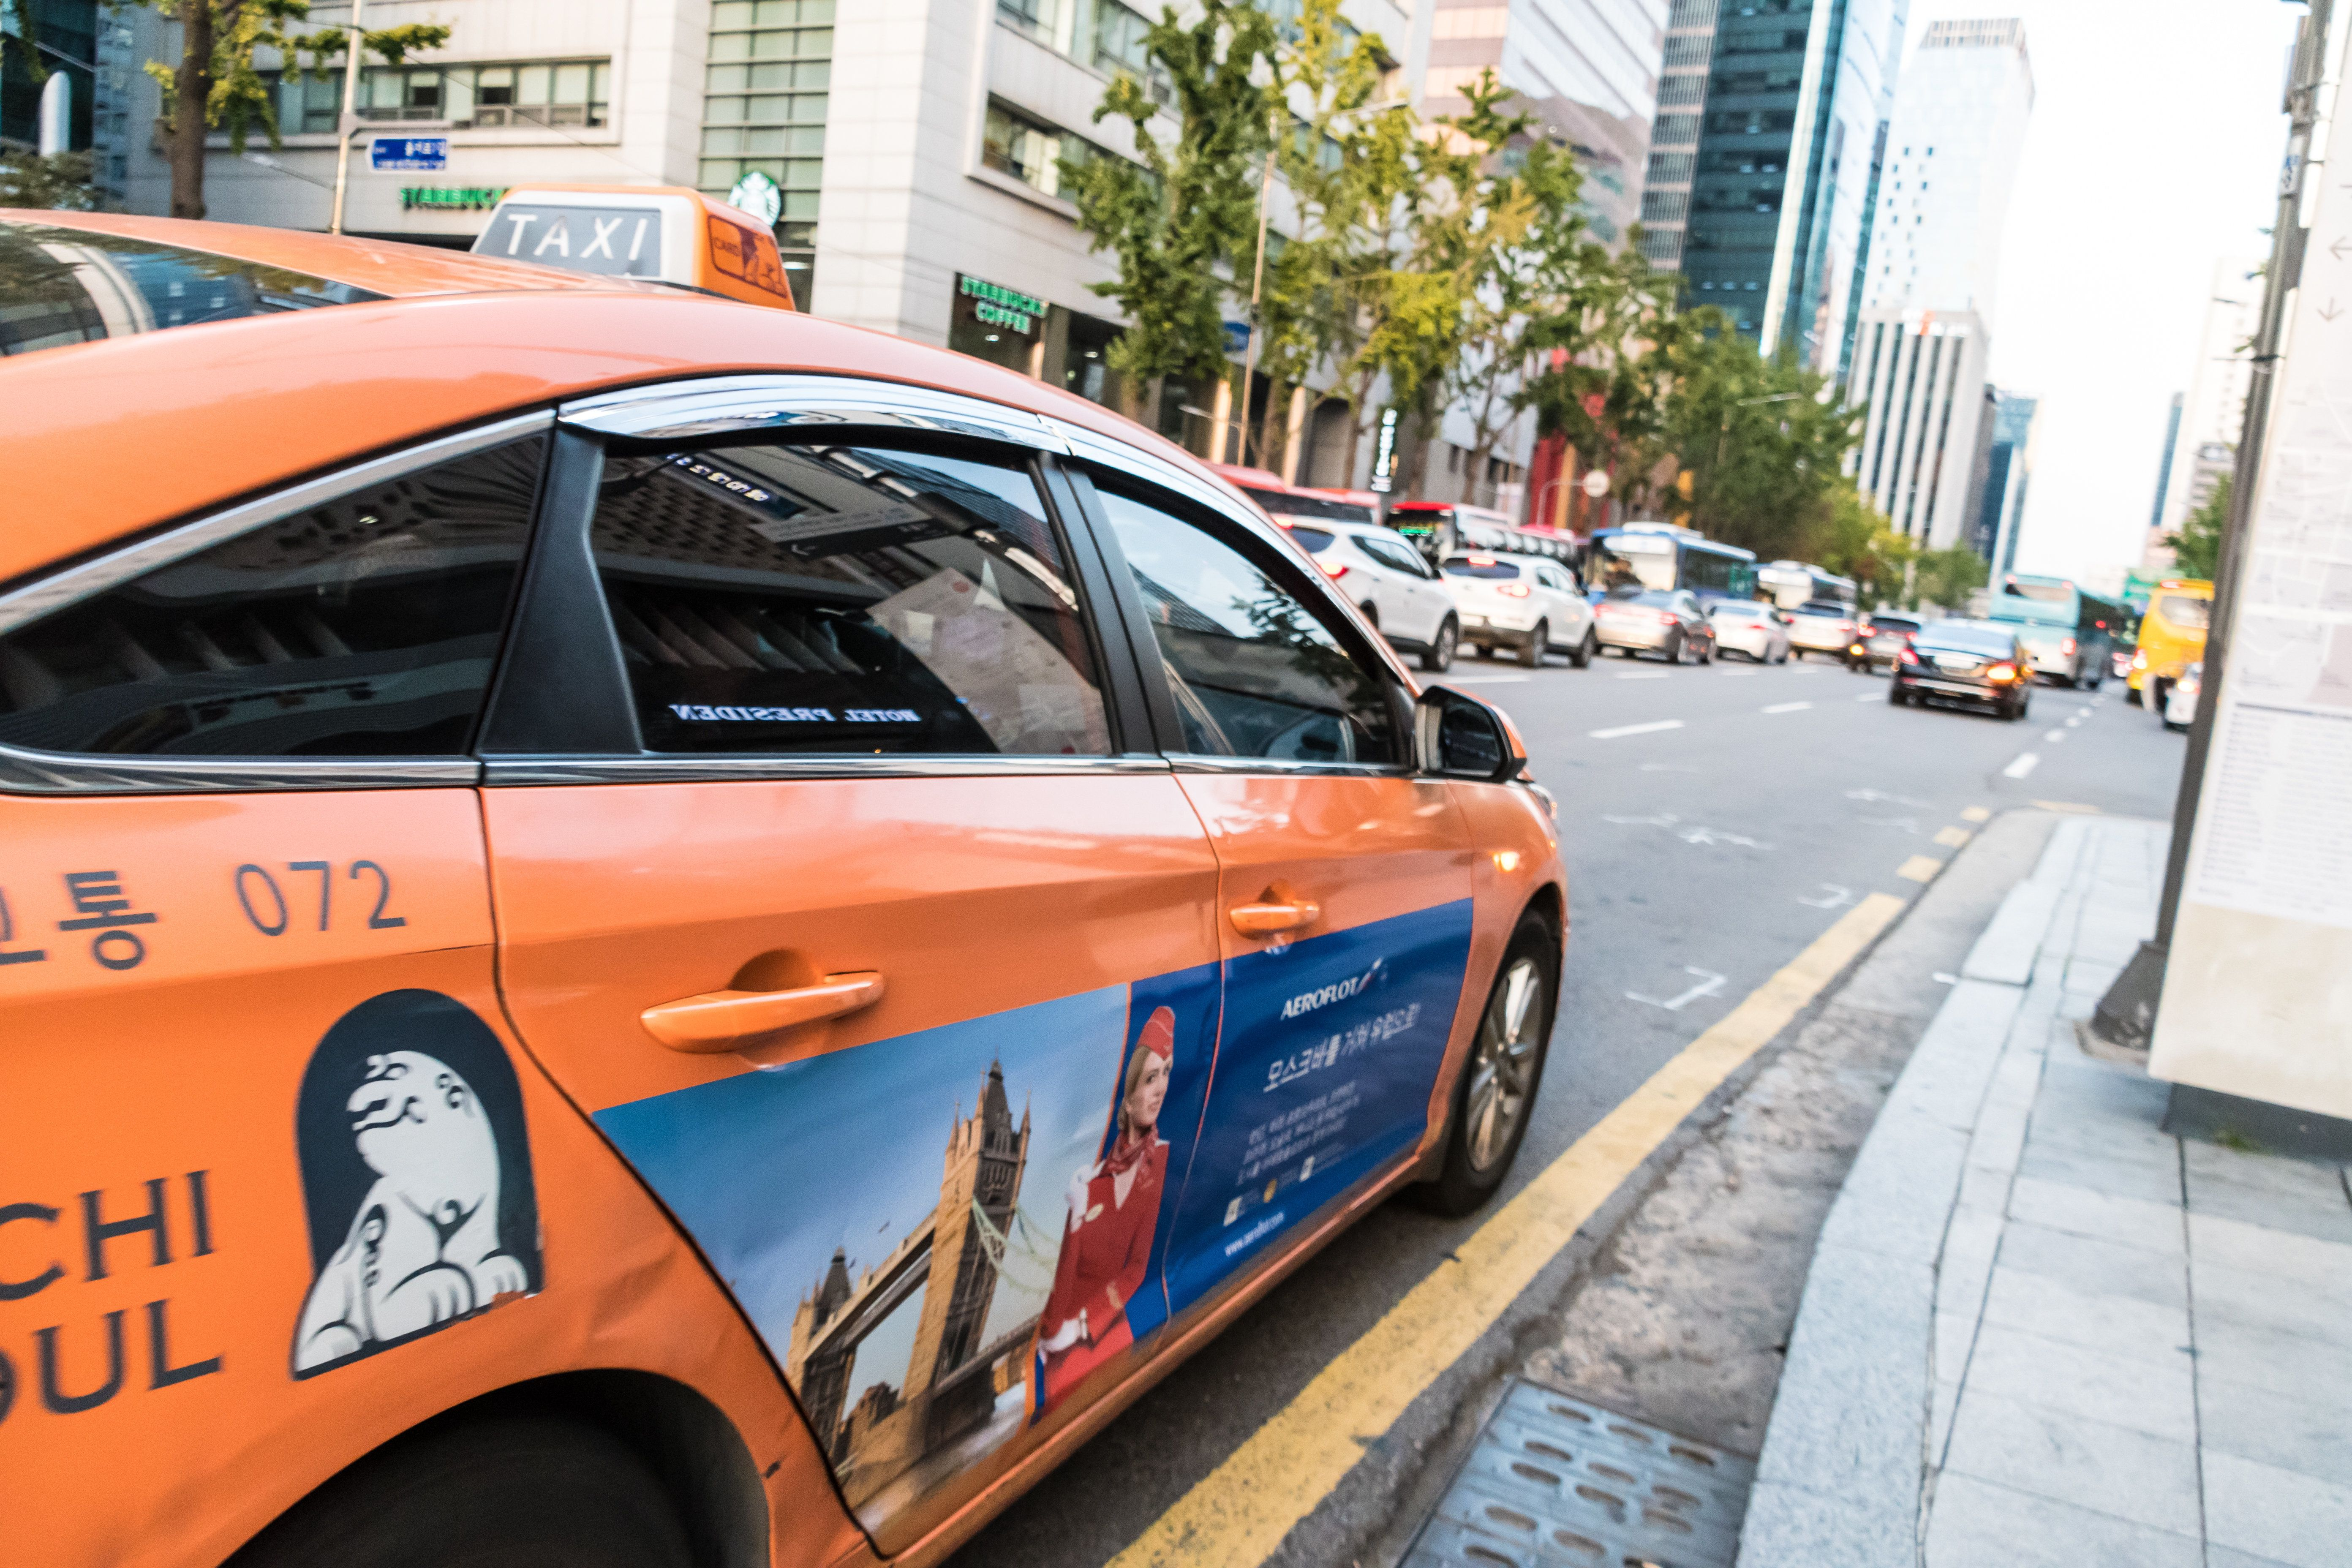 한국 택시는 정말 위험하느냐는 질문을